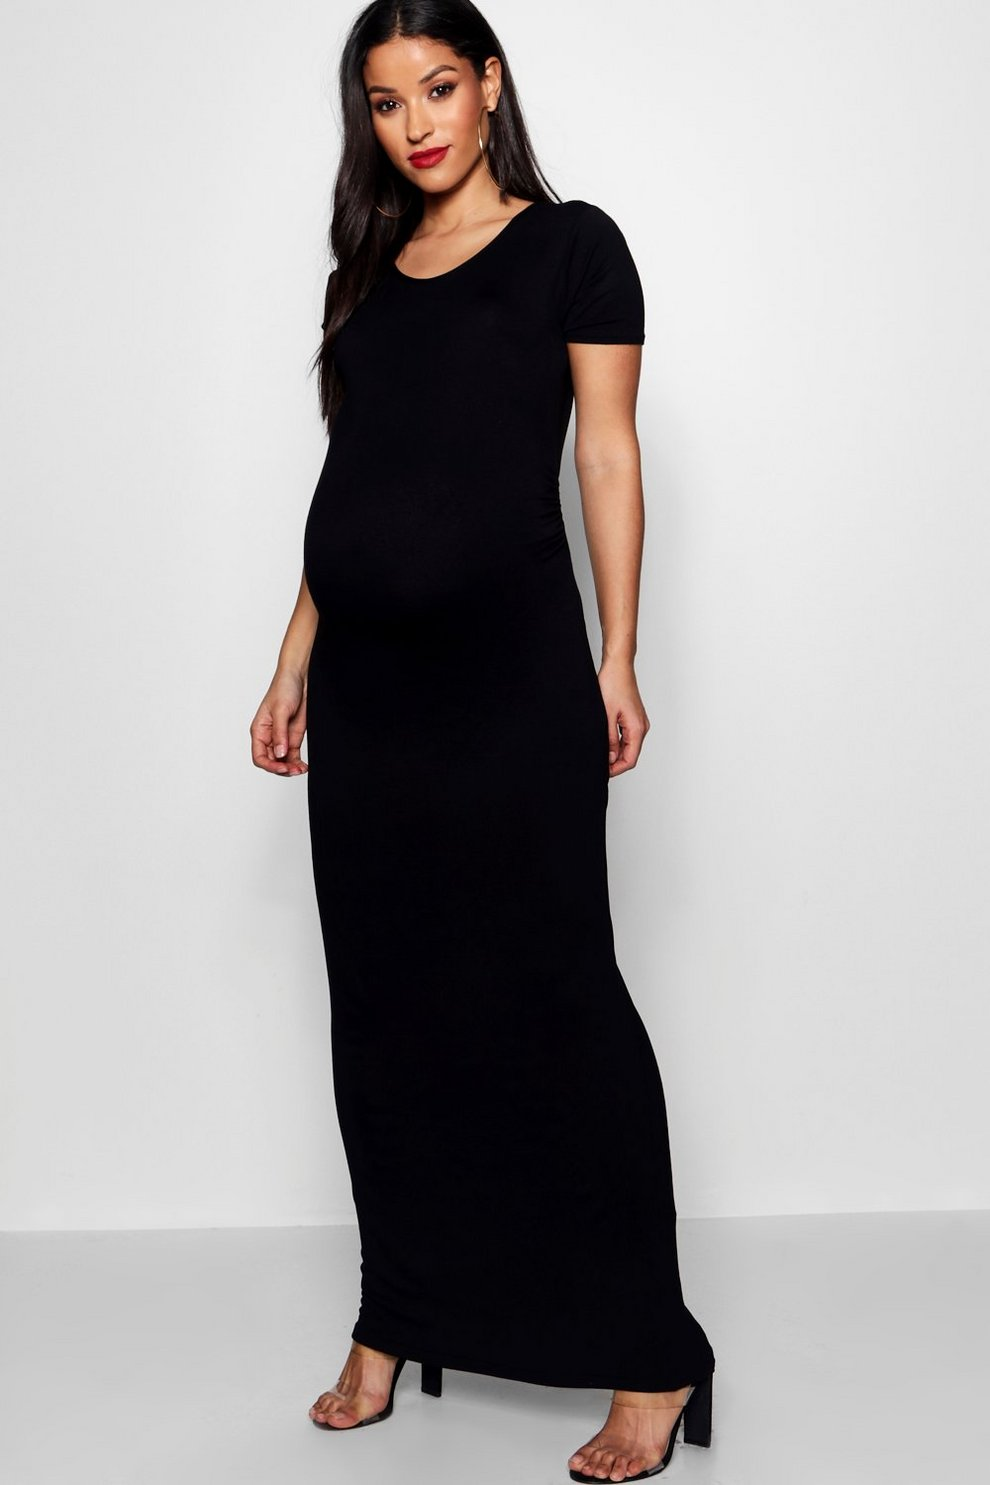 9afc89046b5 Robe Maxi de maternité moulante à manches courtes